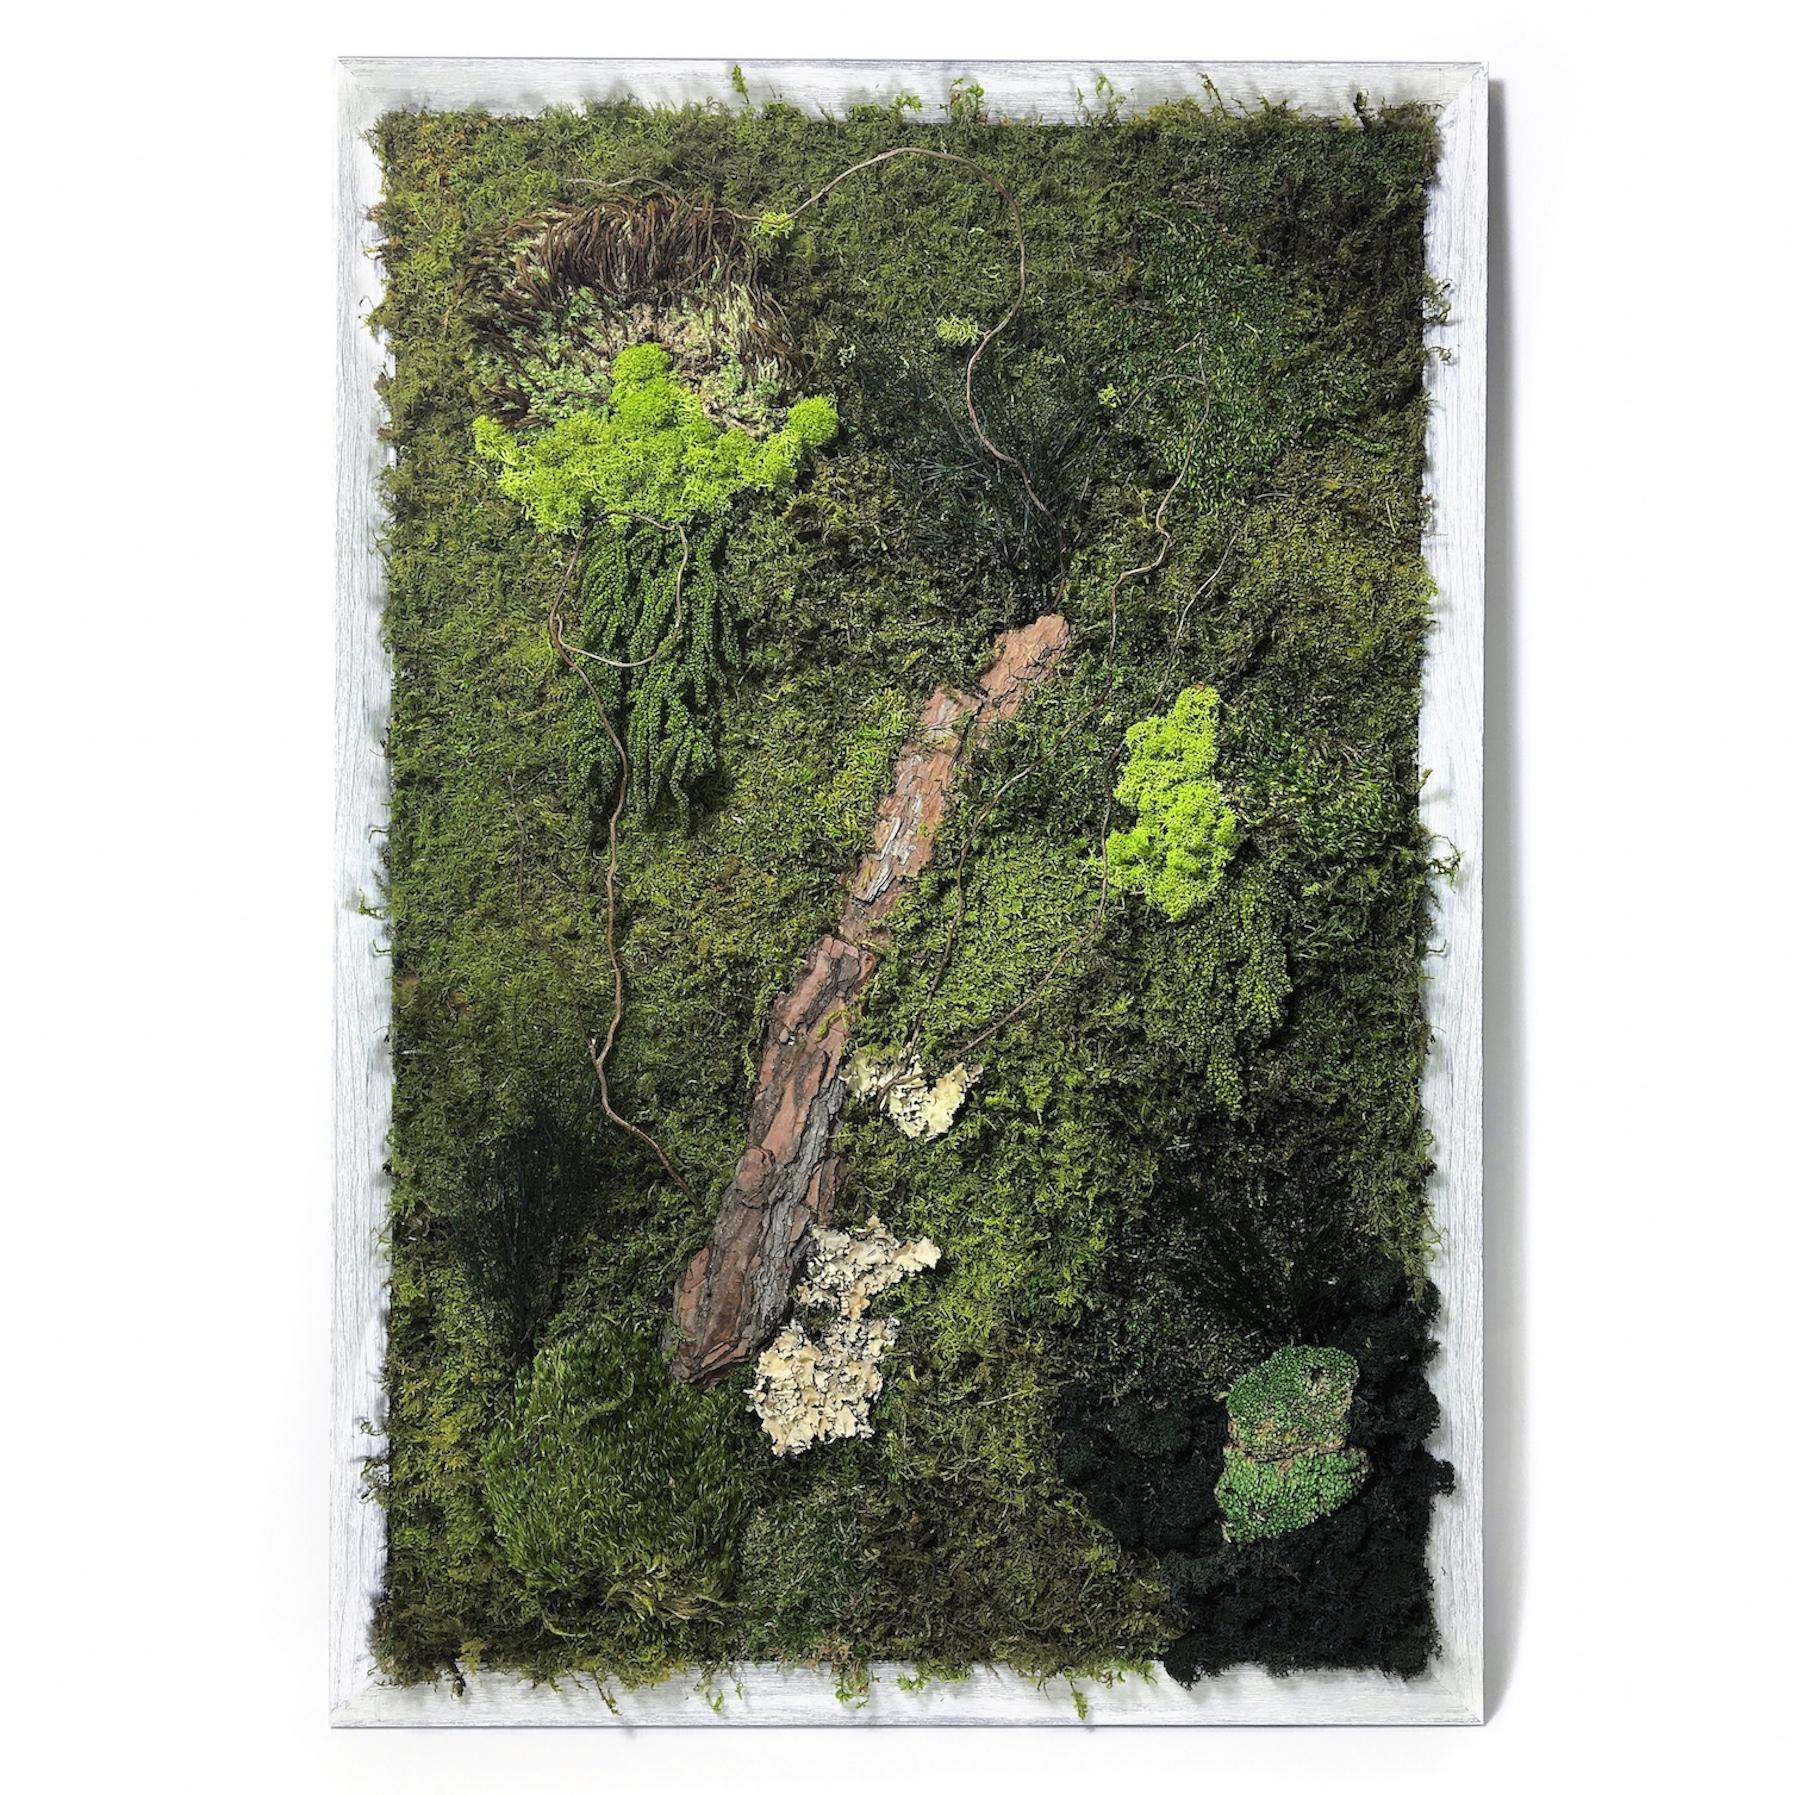 Moss Wall Art | Luludi Living Art | Kaufmann Mercantile With Regard To 2017 Moss Wall Art (View 1 of 20)